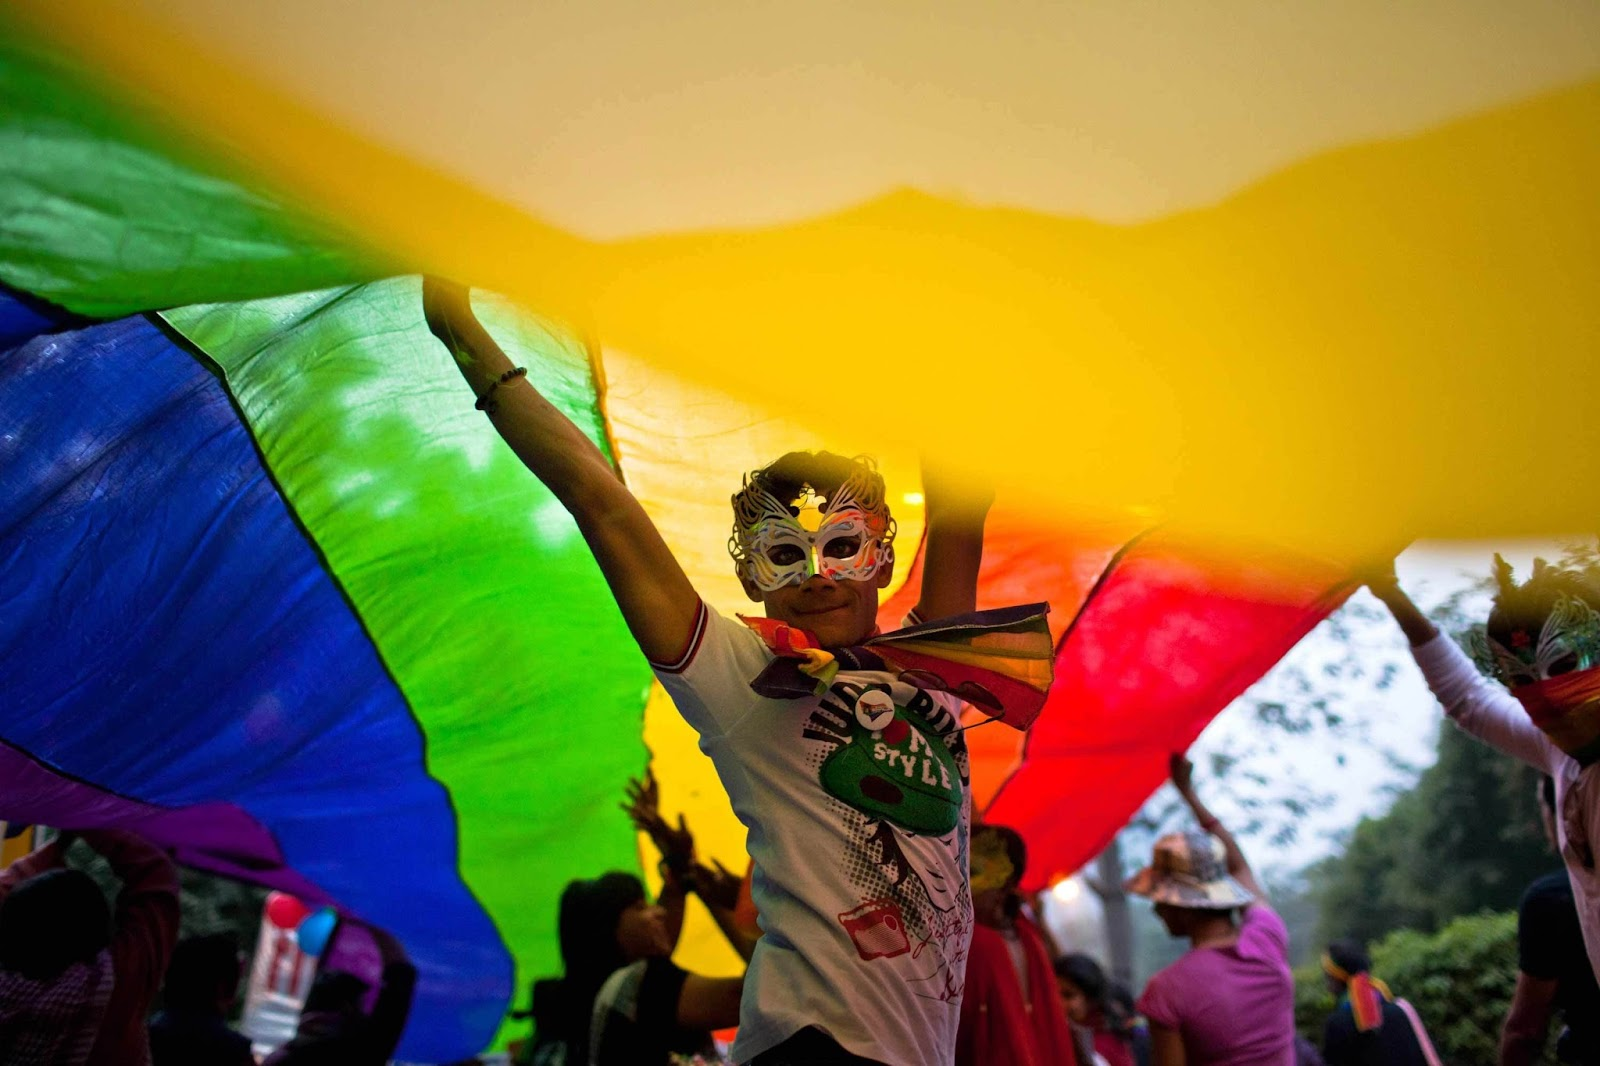 Representatividade de pessoas LGBT não chega a 0,5% dos comerciais no Brasil